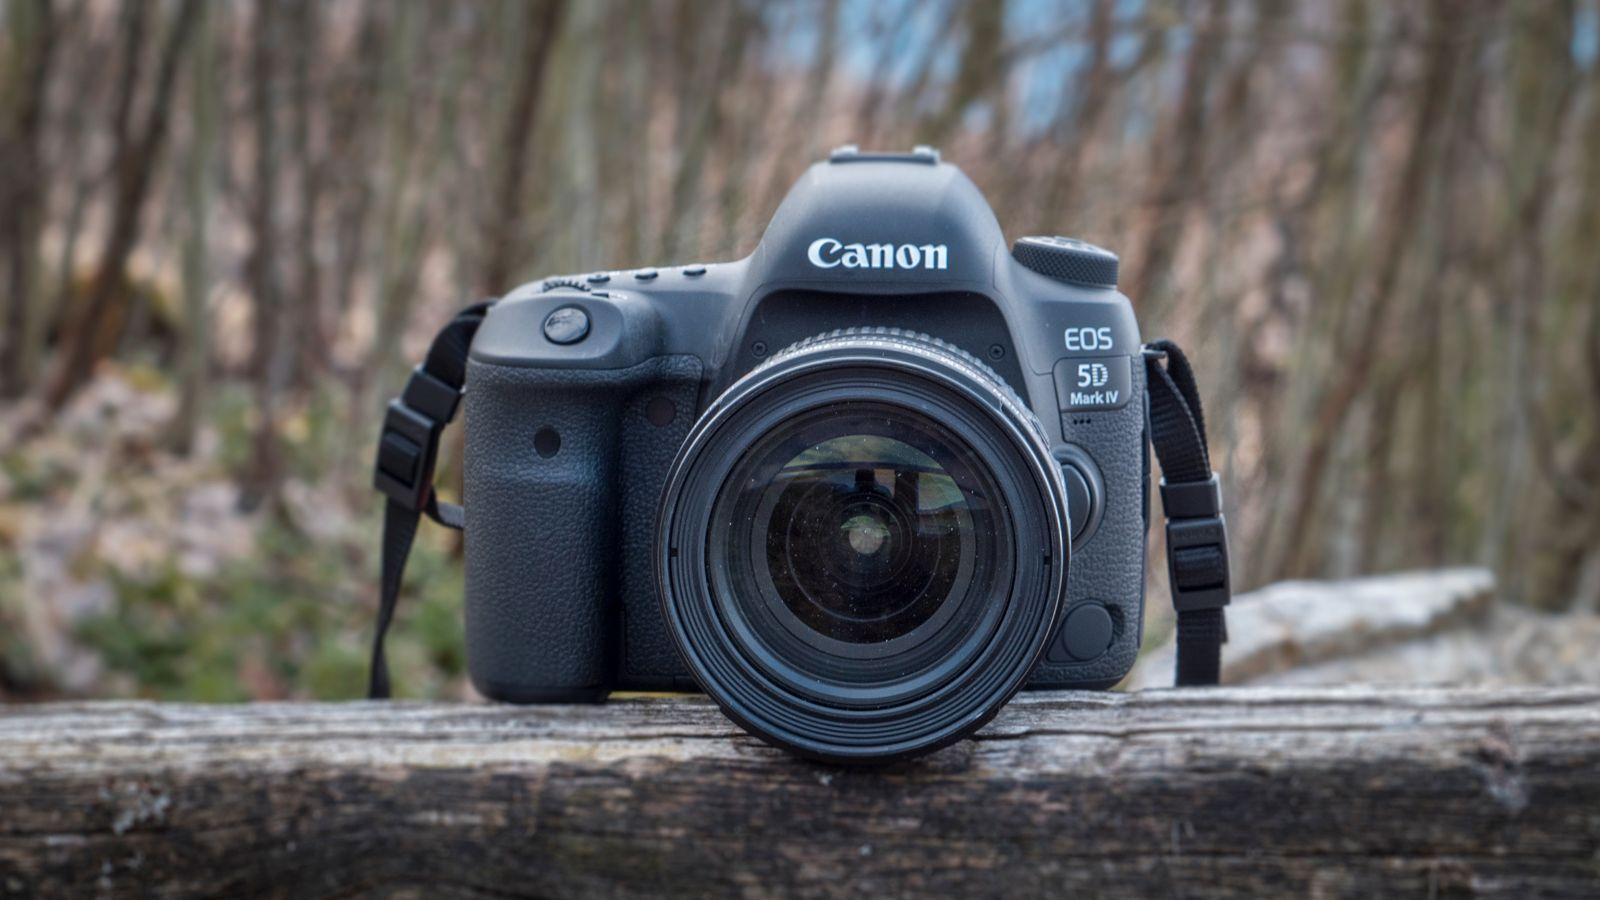 Det er ikke spesielt hipt, og det er ikke mye morsom men unødvendig funksjonalitet her; Canon EOS 5d Mark IV er rett og slett en arbeidsgamp for de med proffe krav til utstyret.